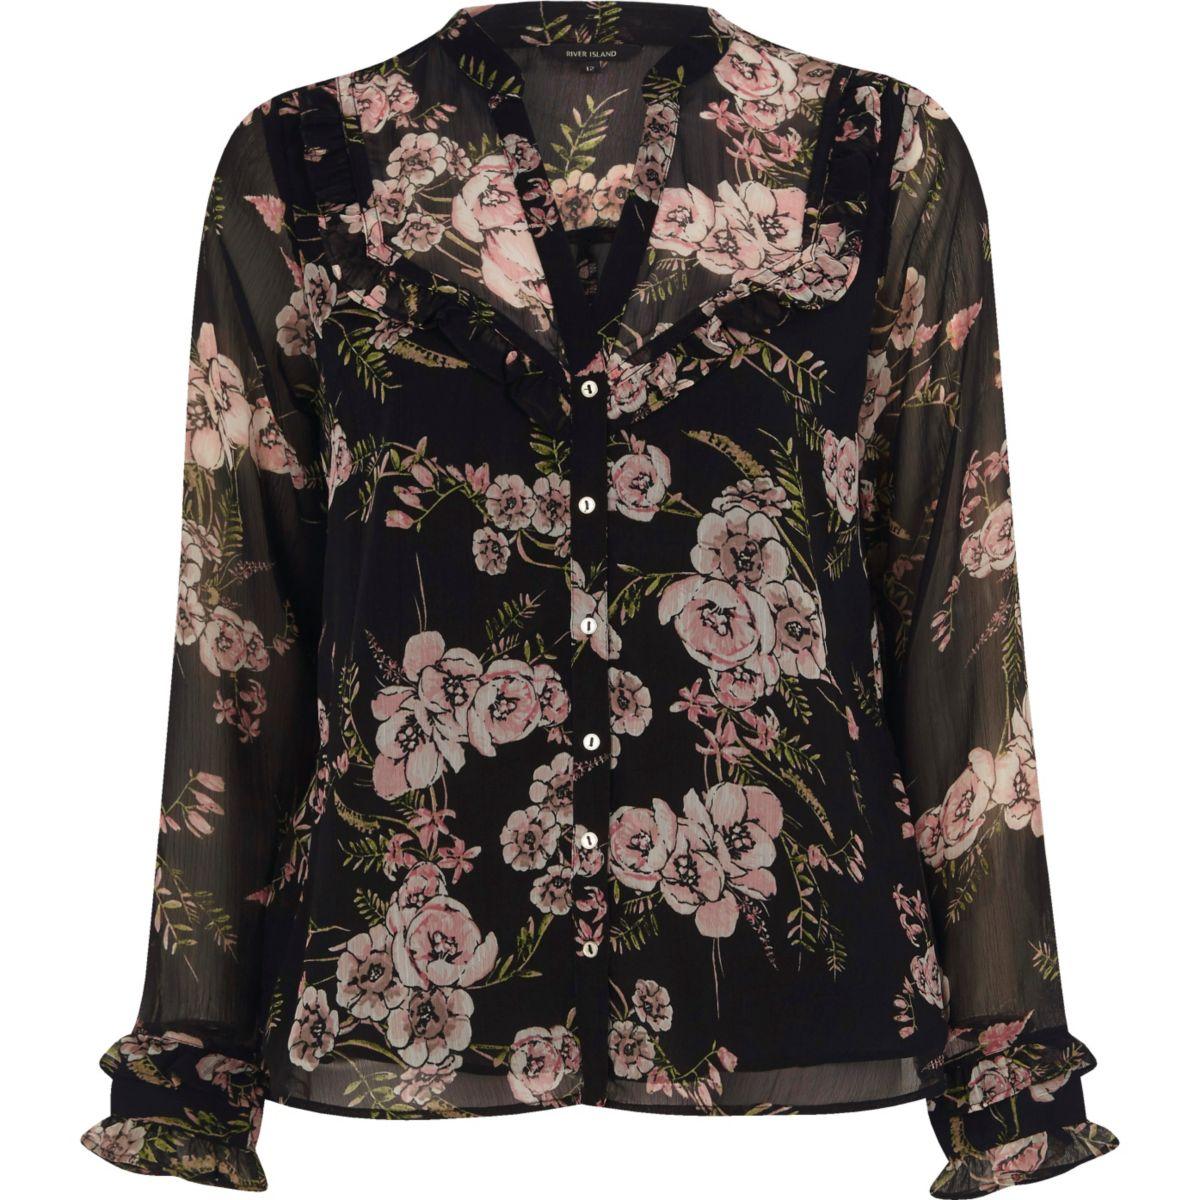 Schwarze Bluse mit Blumenmuster und Rüschen